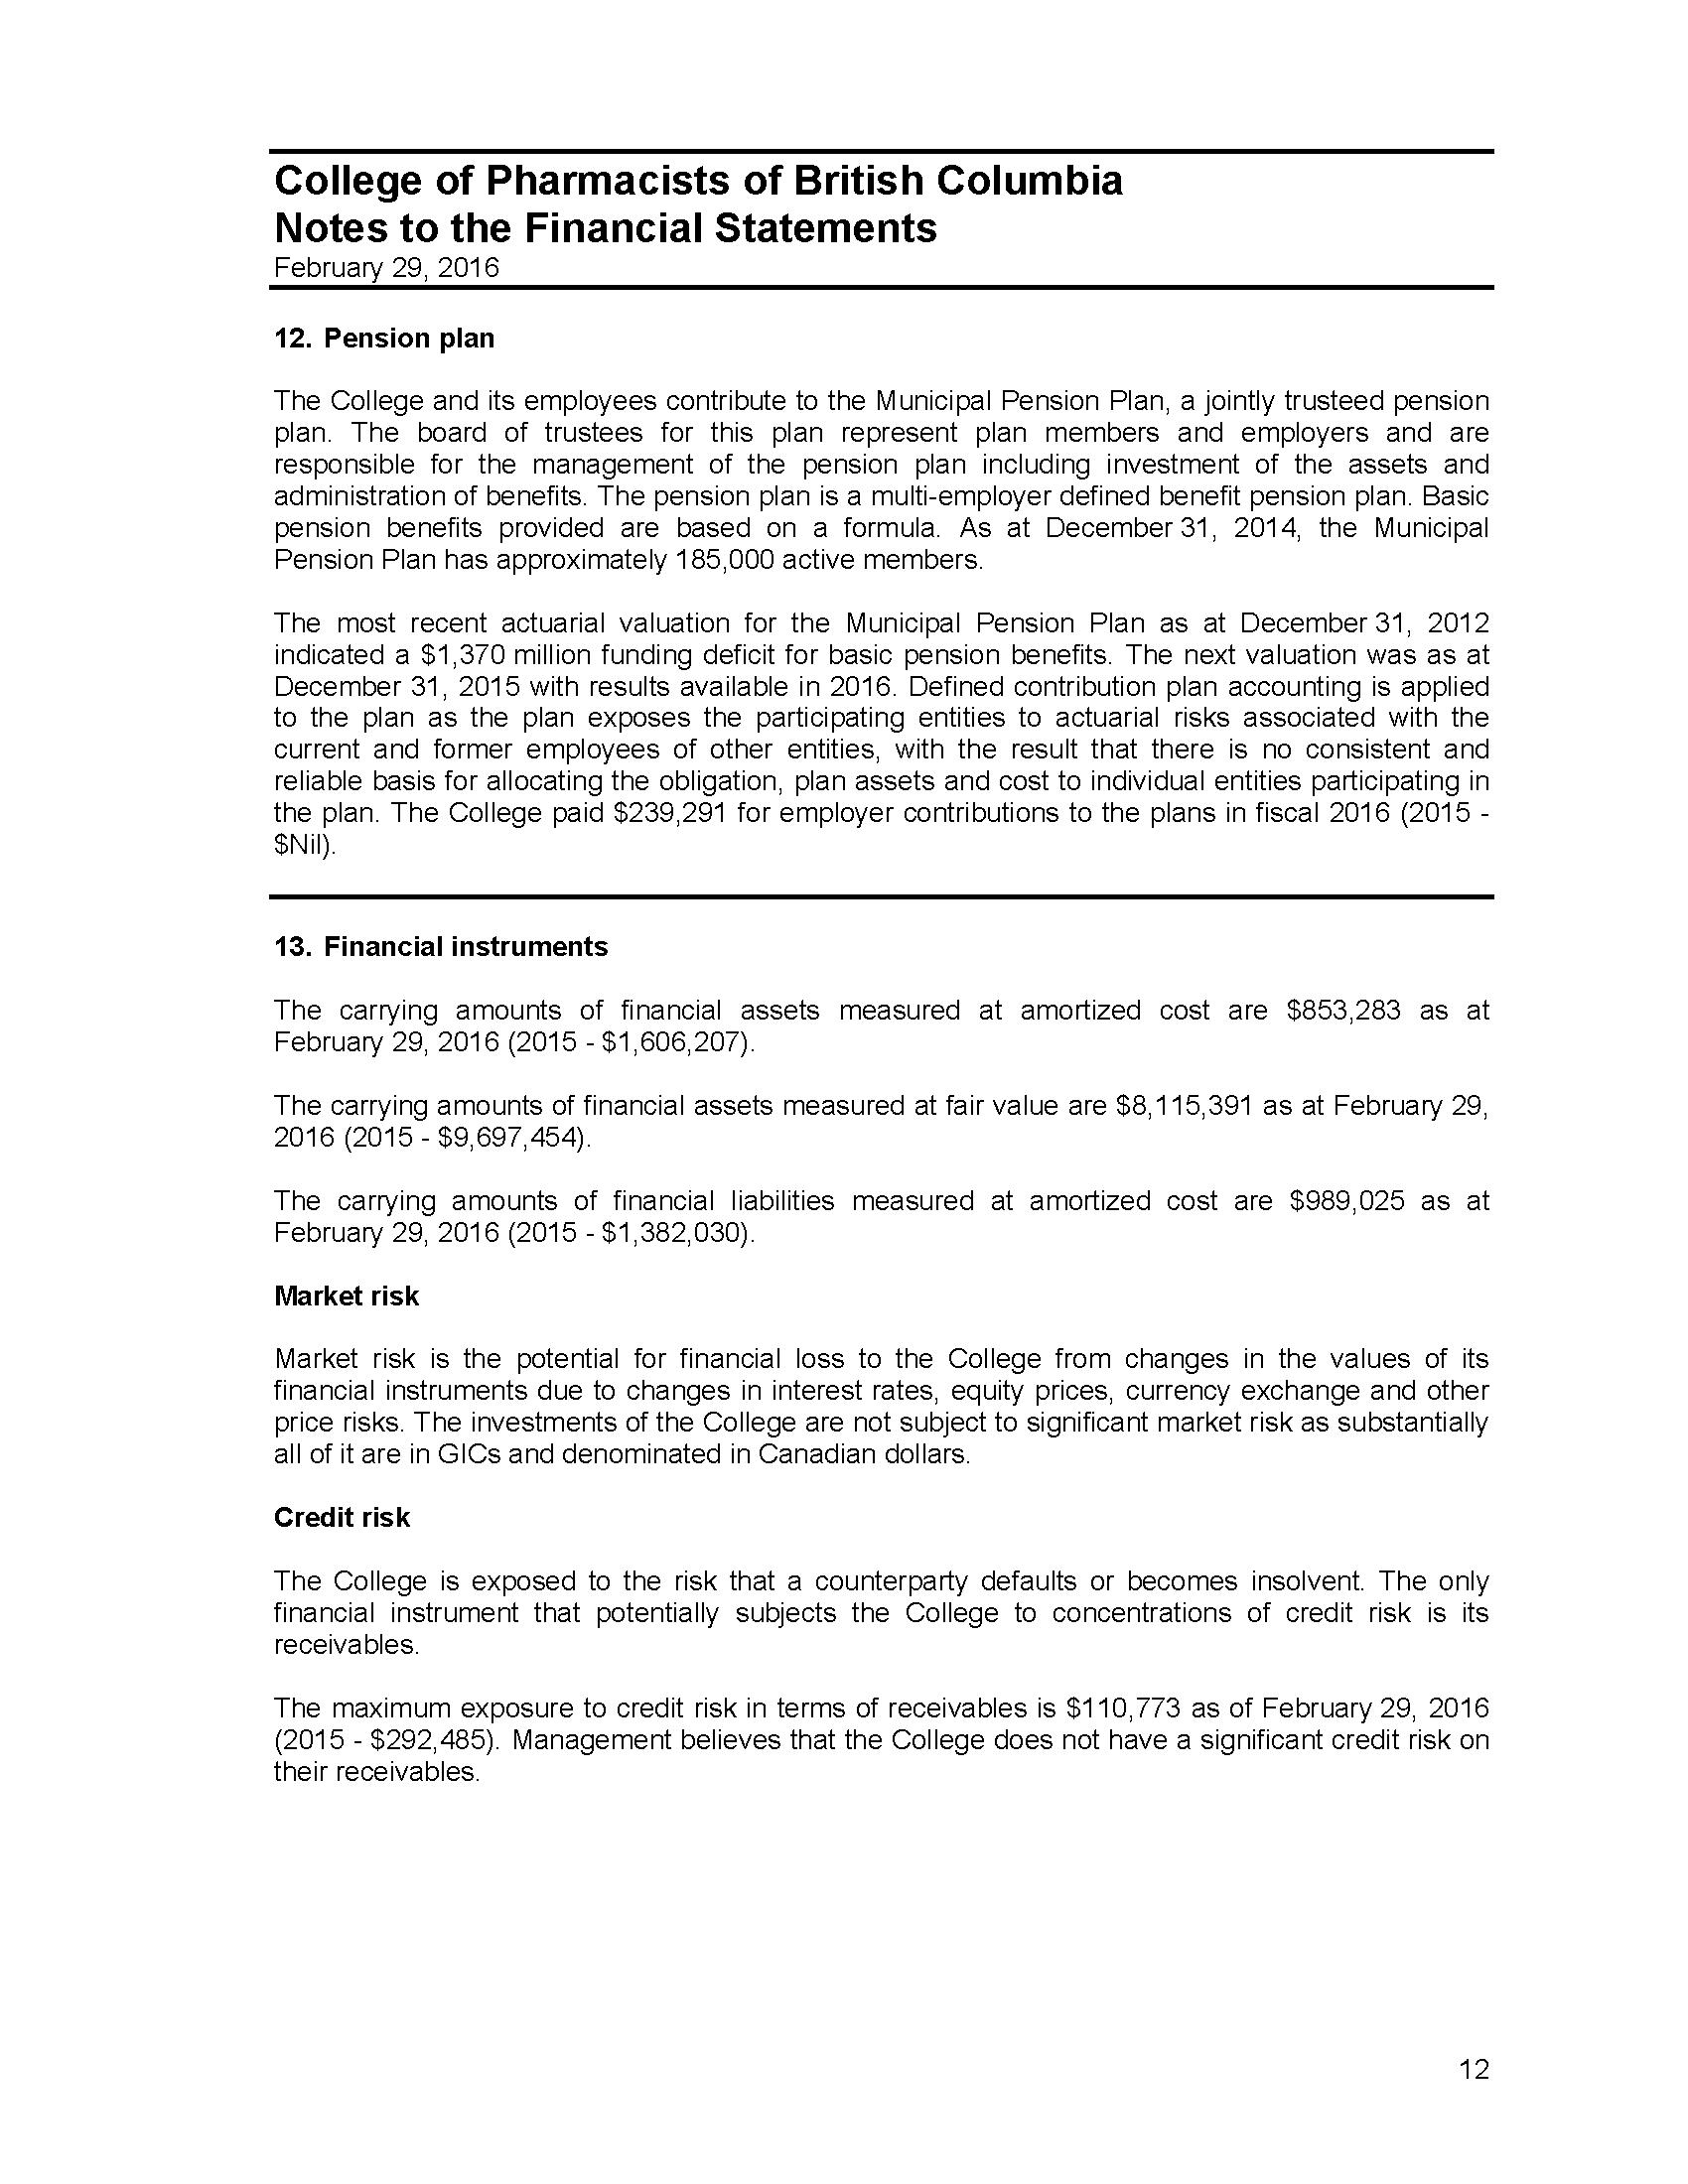 CPBC_Financials_14